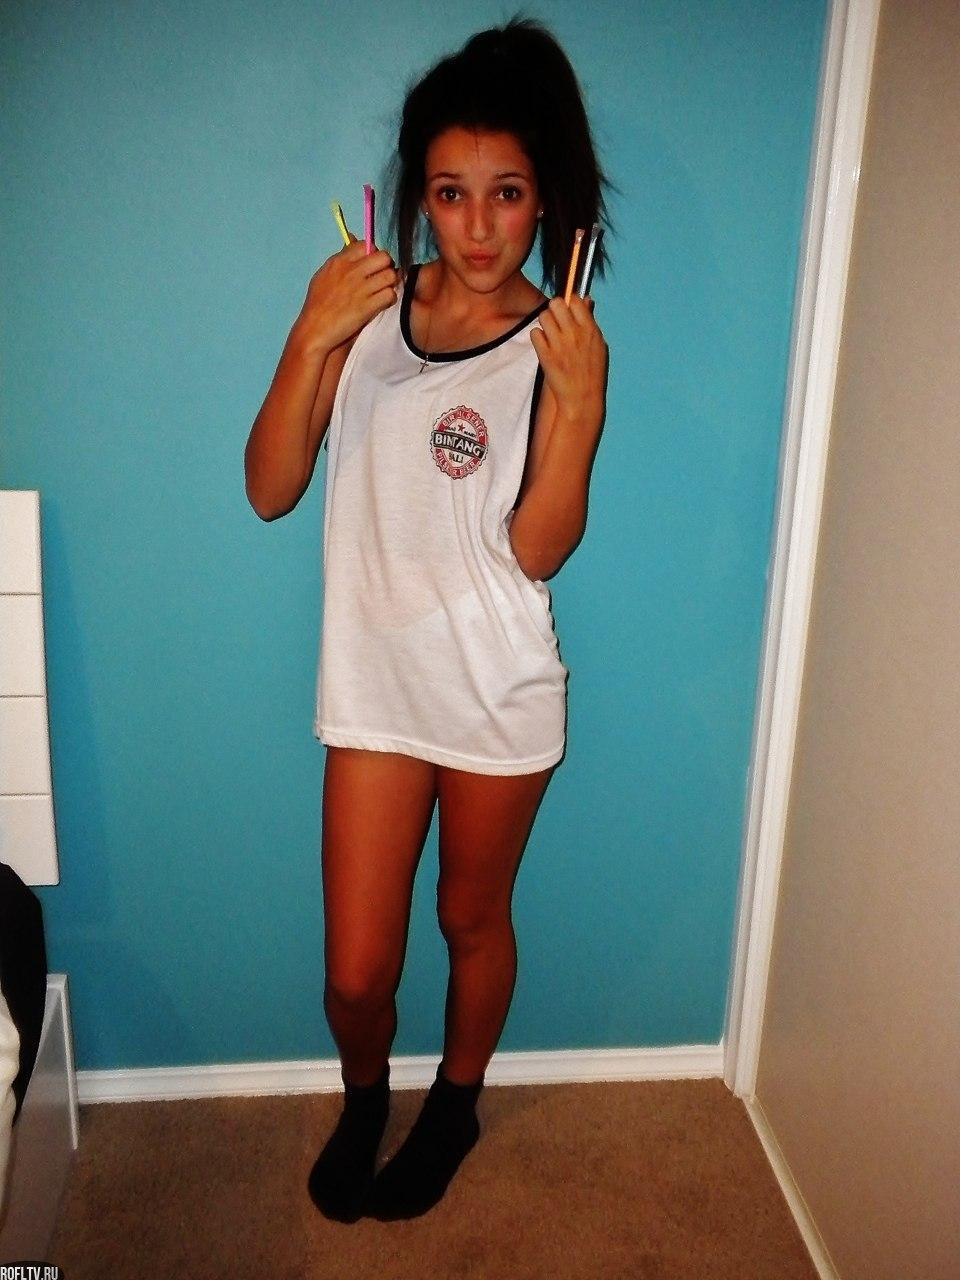 Самая красивая девочка подросток фото 2 фотография